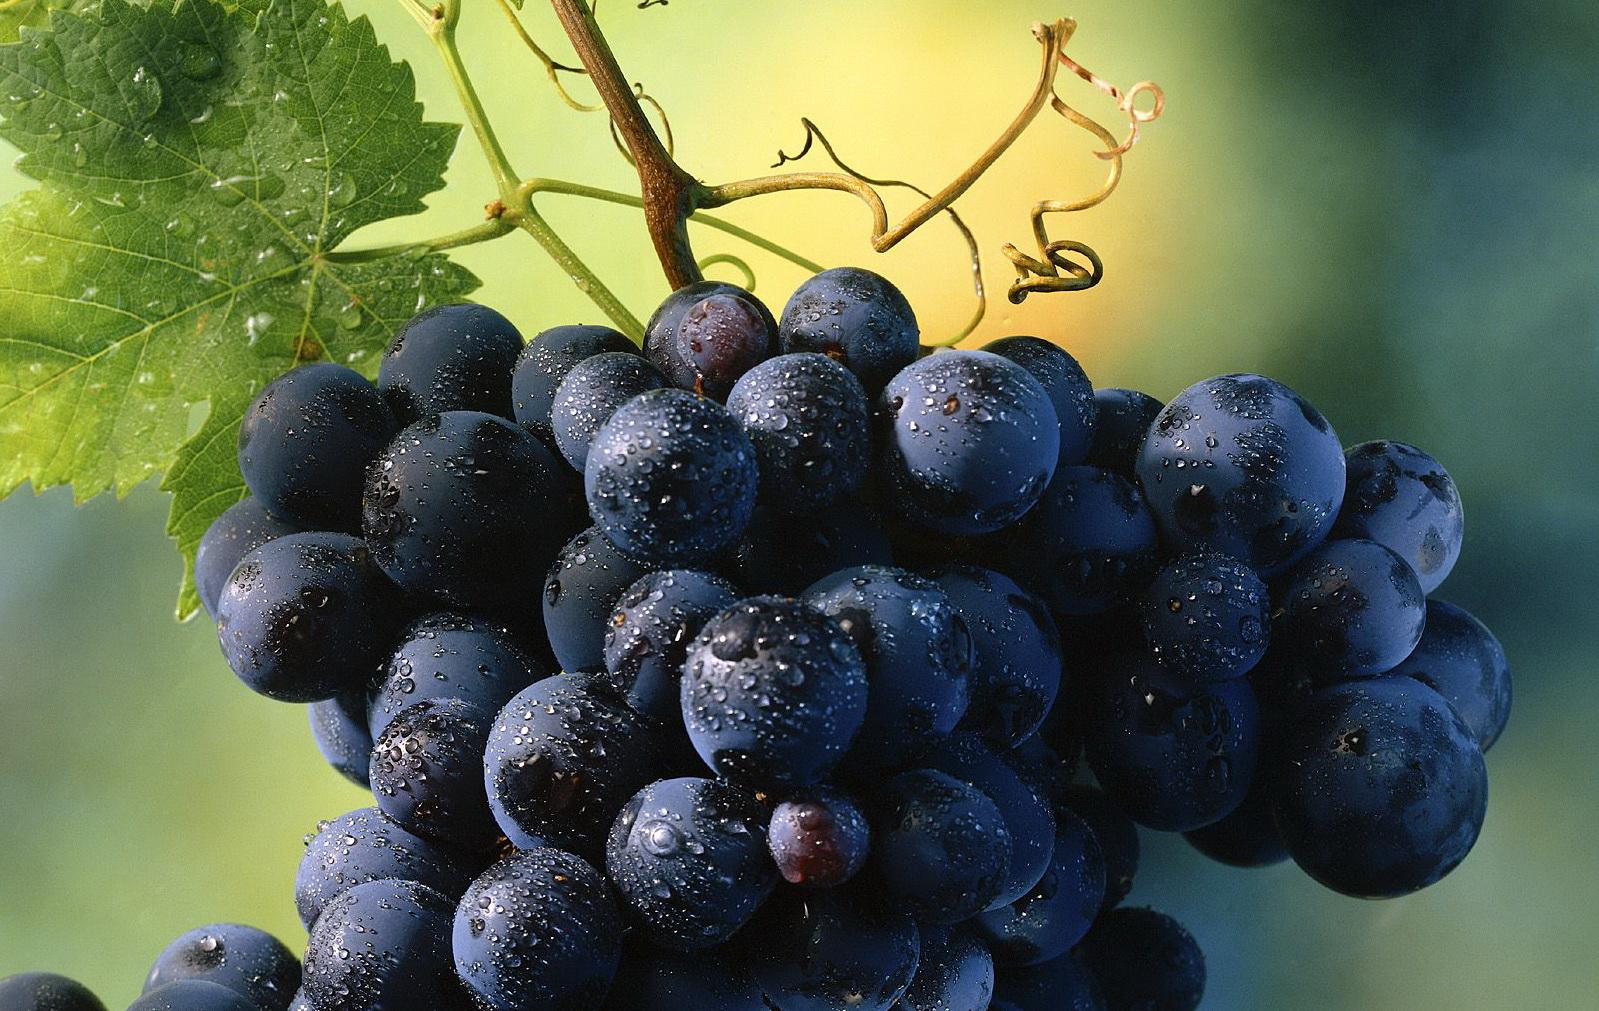 как раз виноград красивые картинки создания ролика нужно